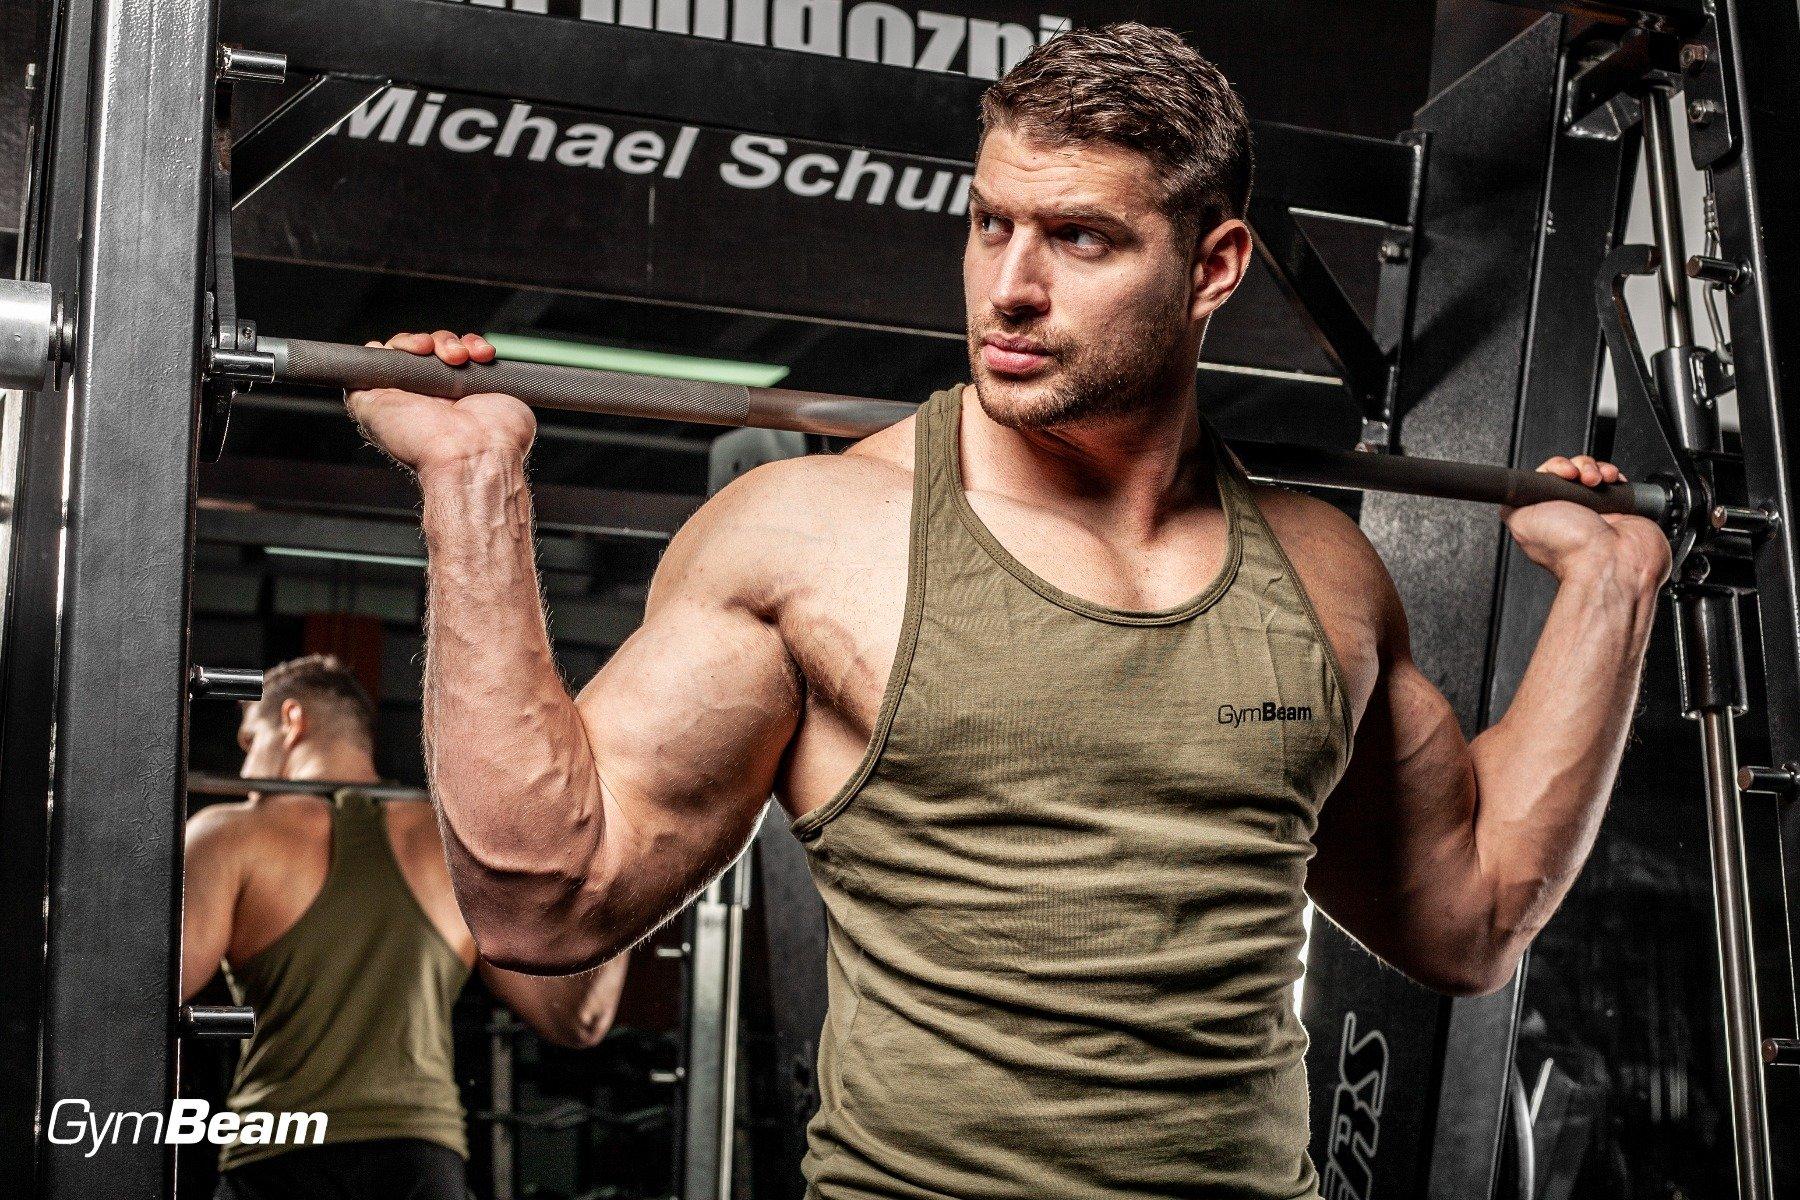 План тренировок и правильные комбинации упражнений для роста мышц и мышц